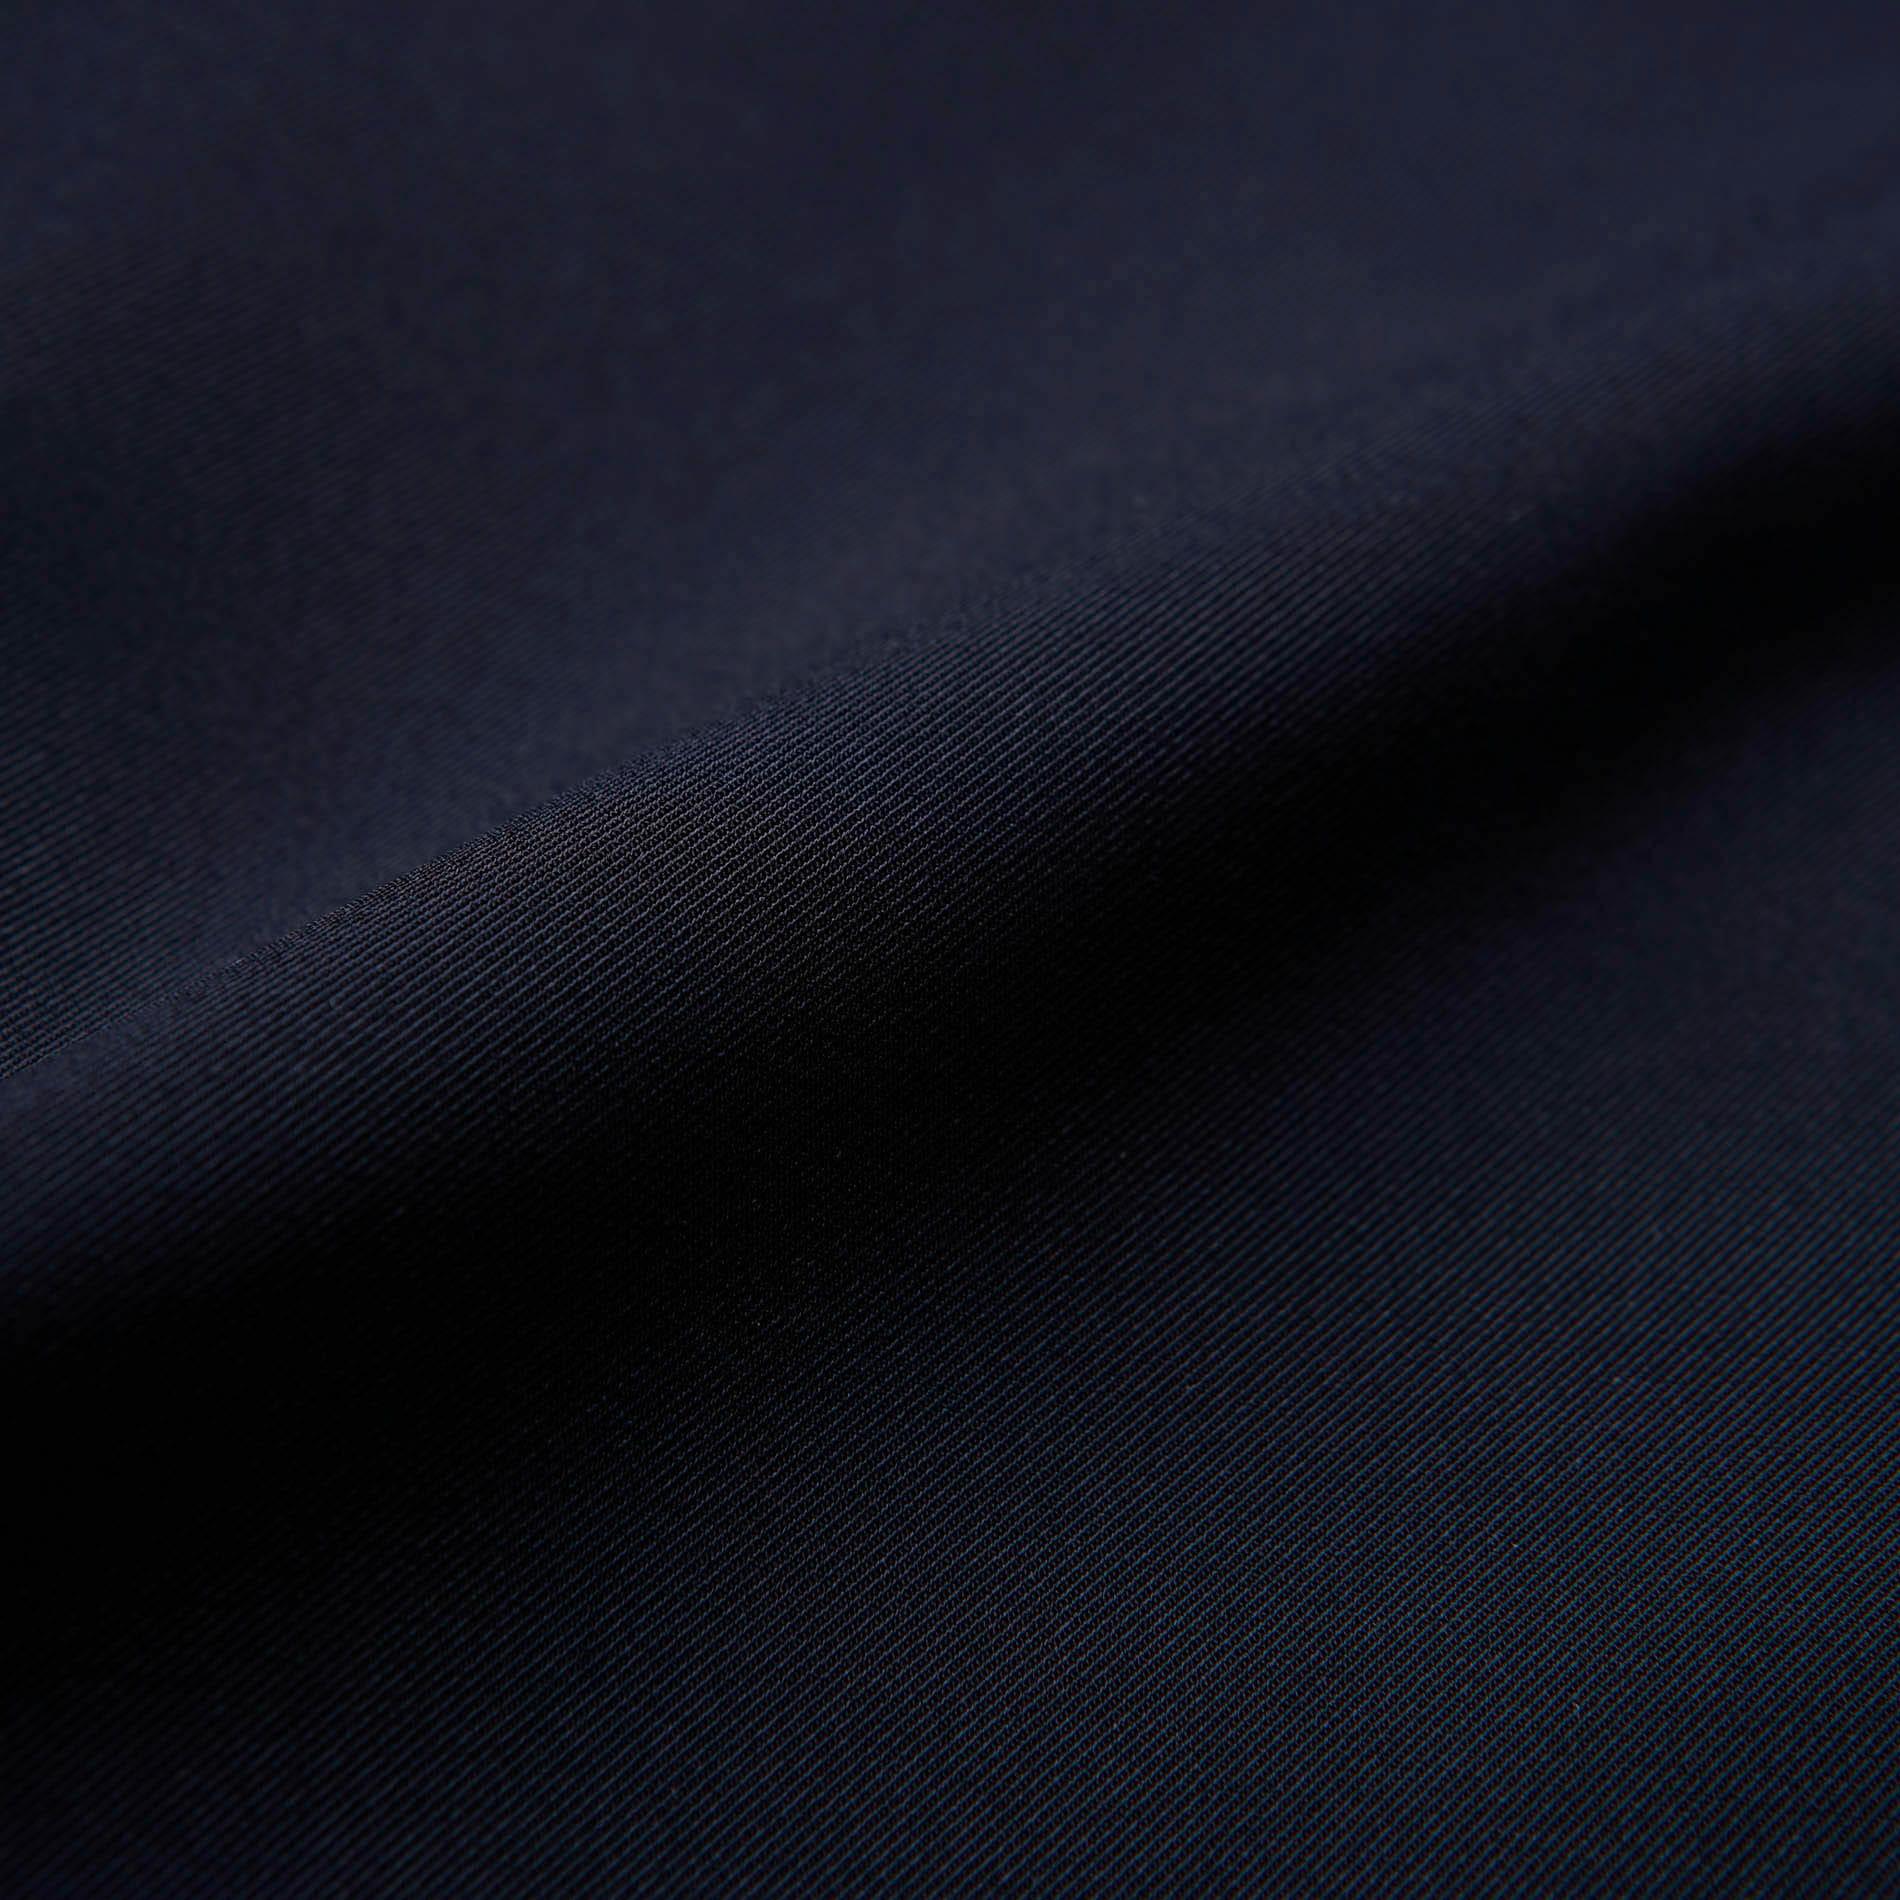 【返品送料無料】ネイビー ジオメトリック シャツカラー ドレス